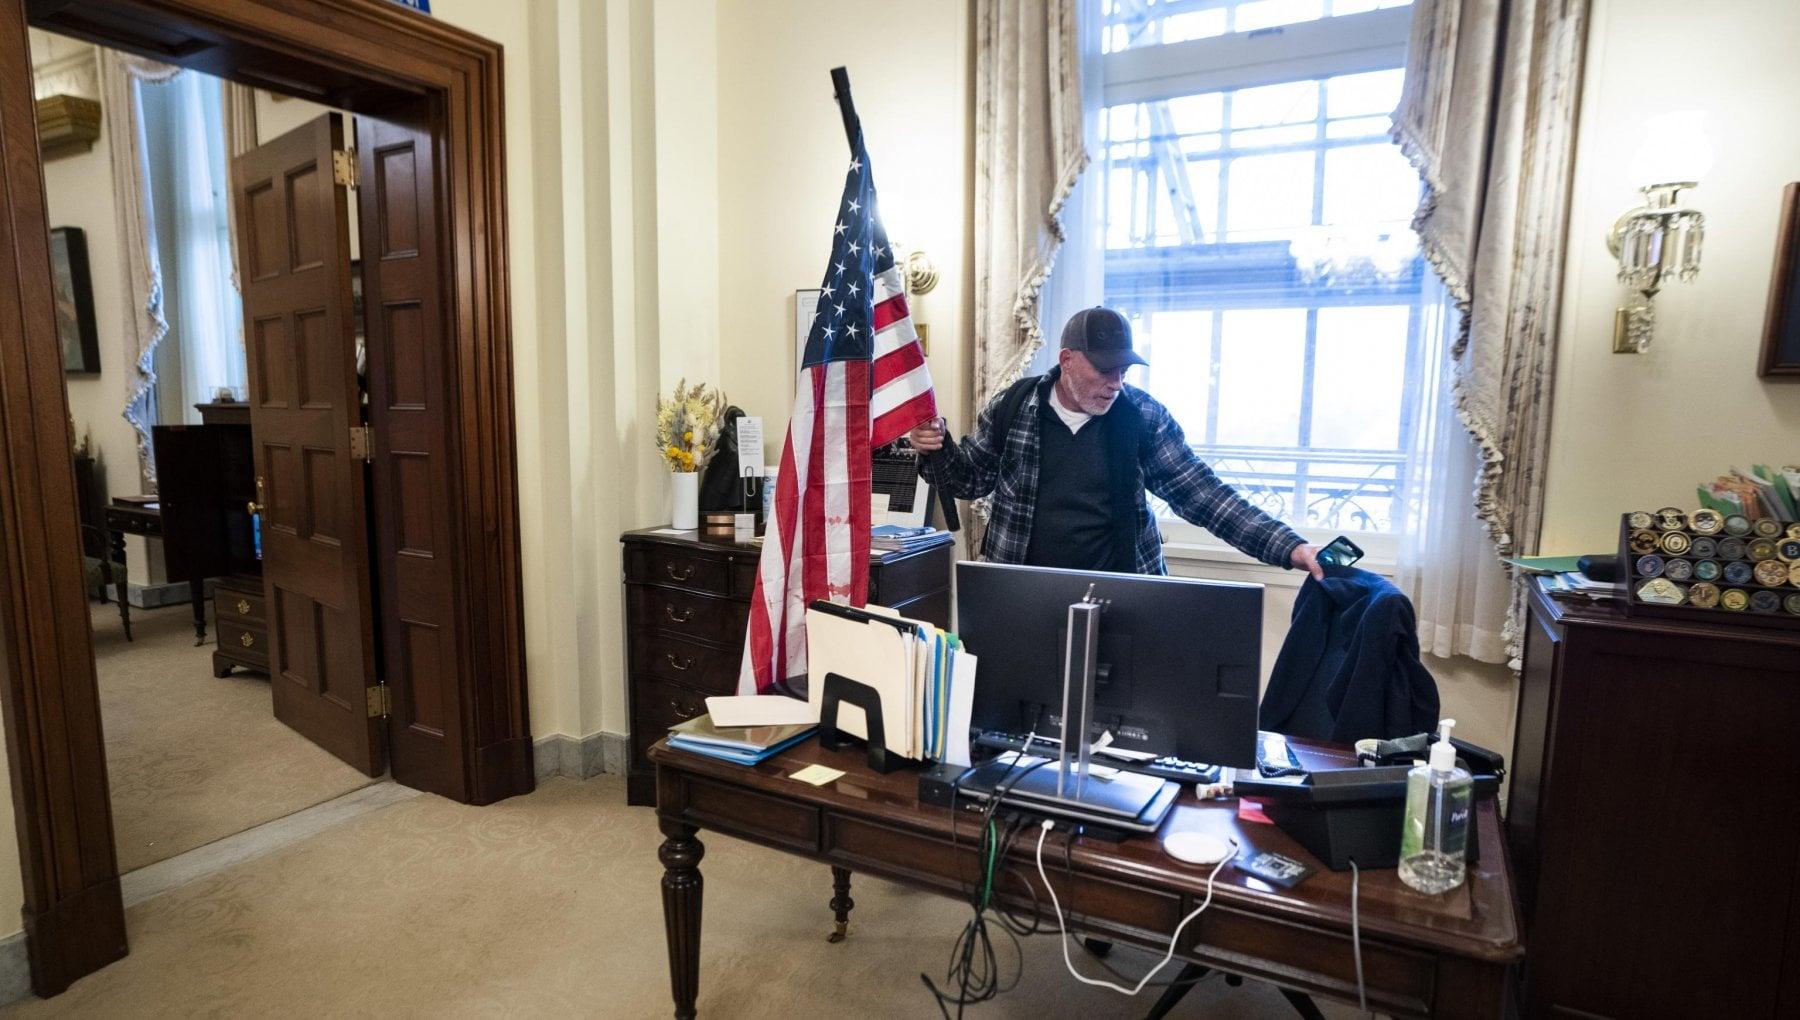 ایالات متحده ، از ملی گرای بیگو تا معاون جوان تا پسر قاضی: در اینجا شورشیان دیگر در حمله به کنگره هستند